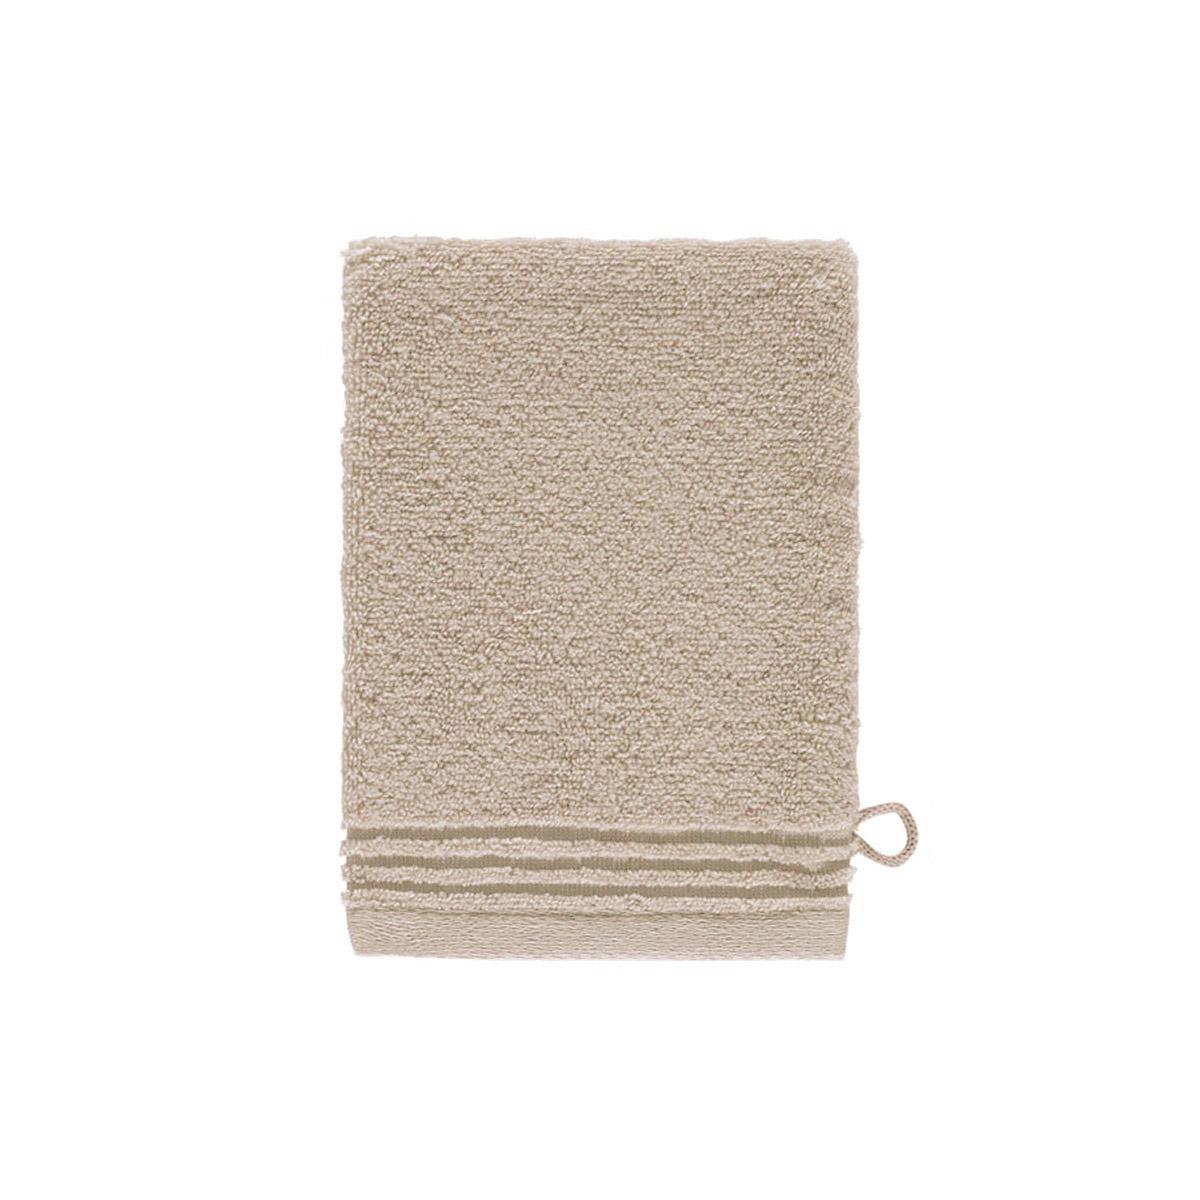 Gant de toilette coton peigné Taupe 15 x 21 cm